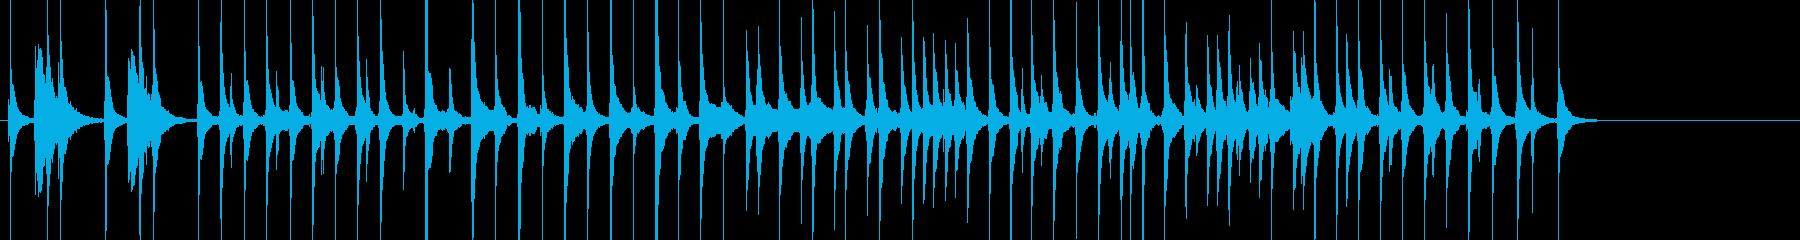 三味線29娘道成寺8日本式レビューショーの再生済みの波形